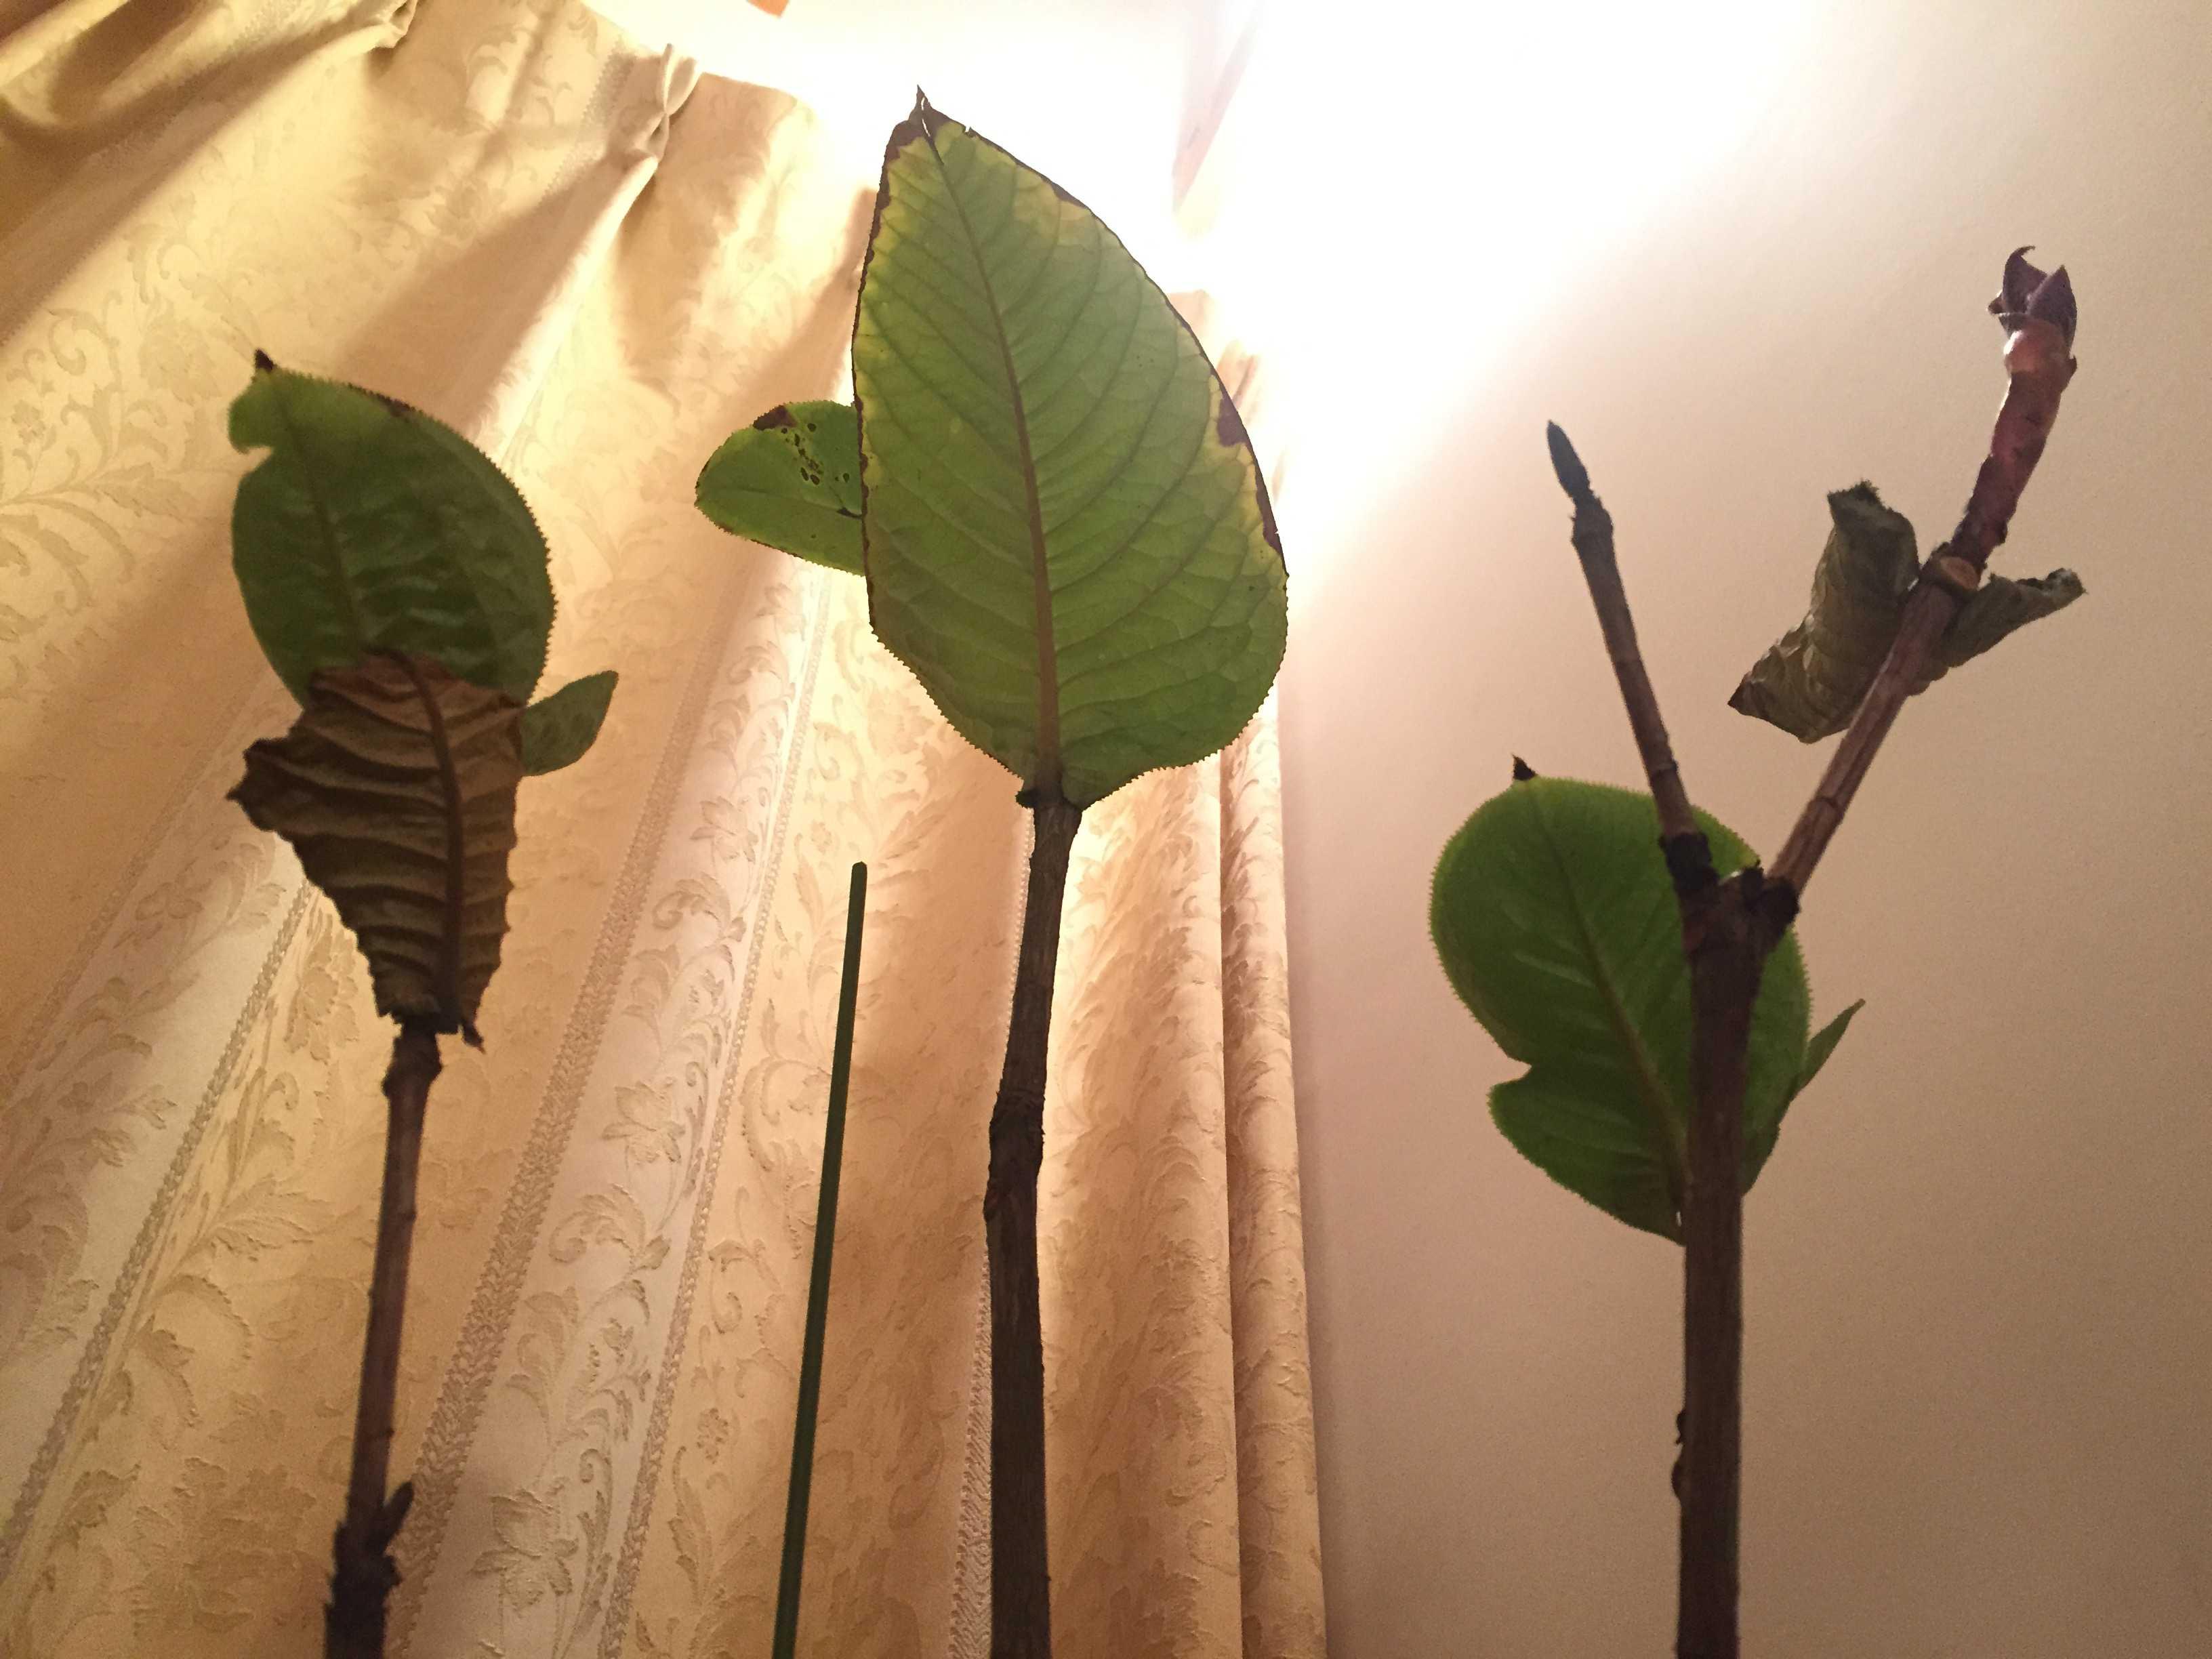 原種椿「ムラウチィ」の葉っぱ